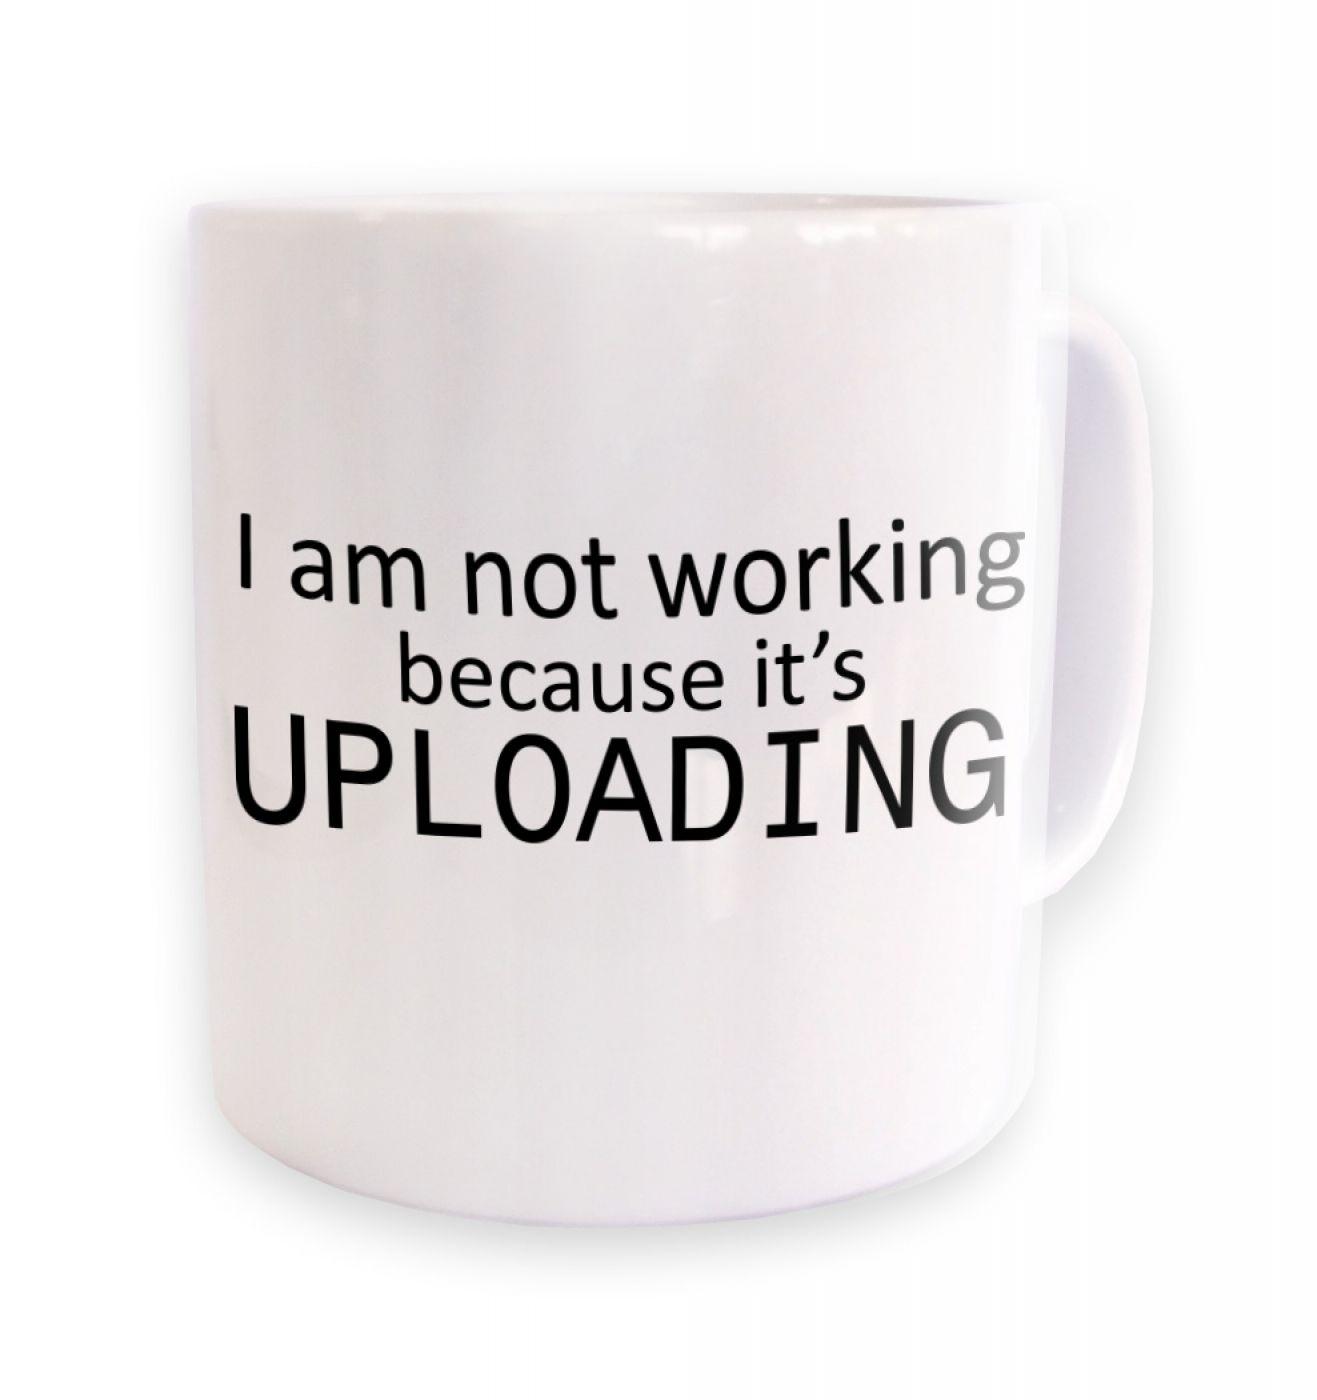 I Am Not Working Because It's Uploading IT mug